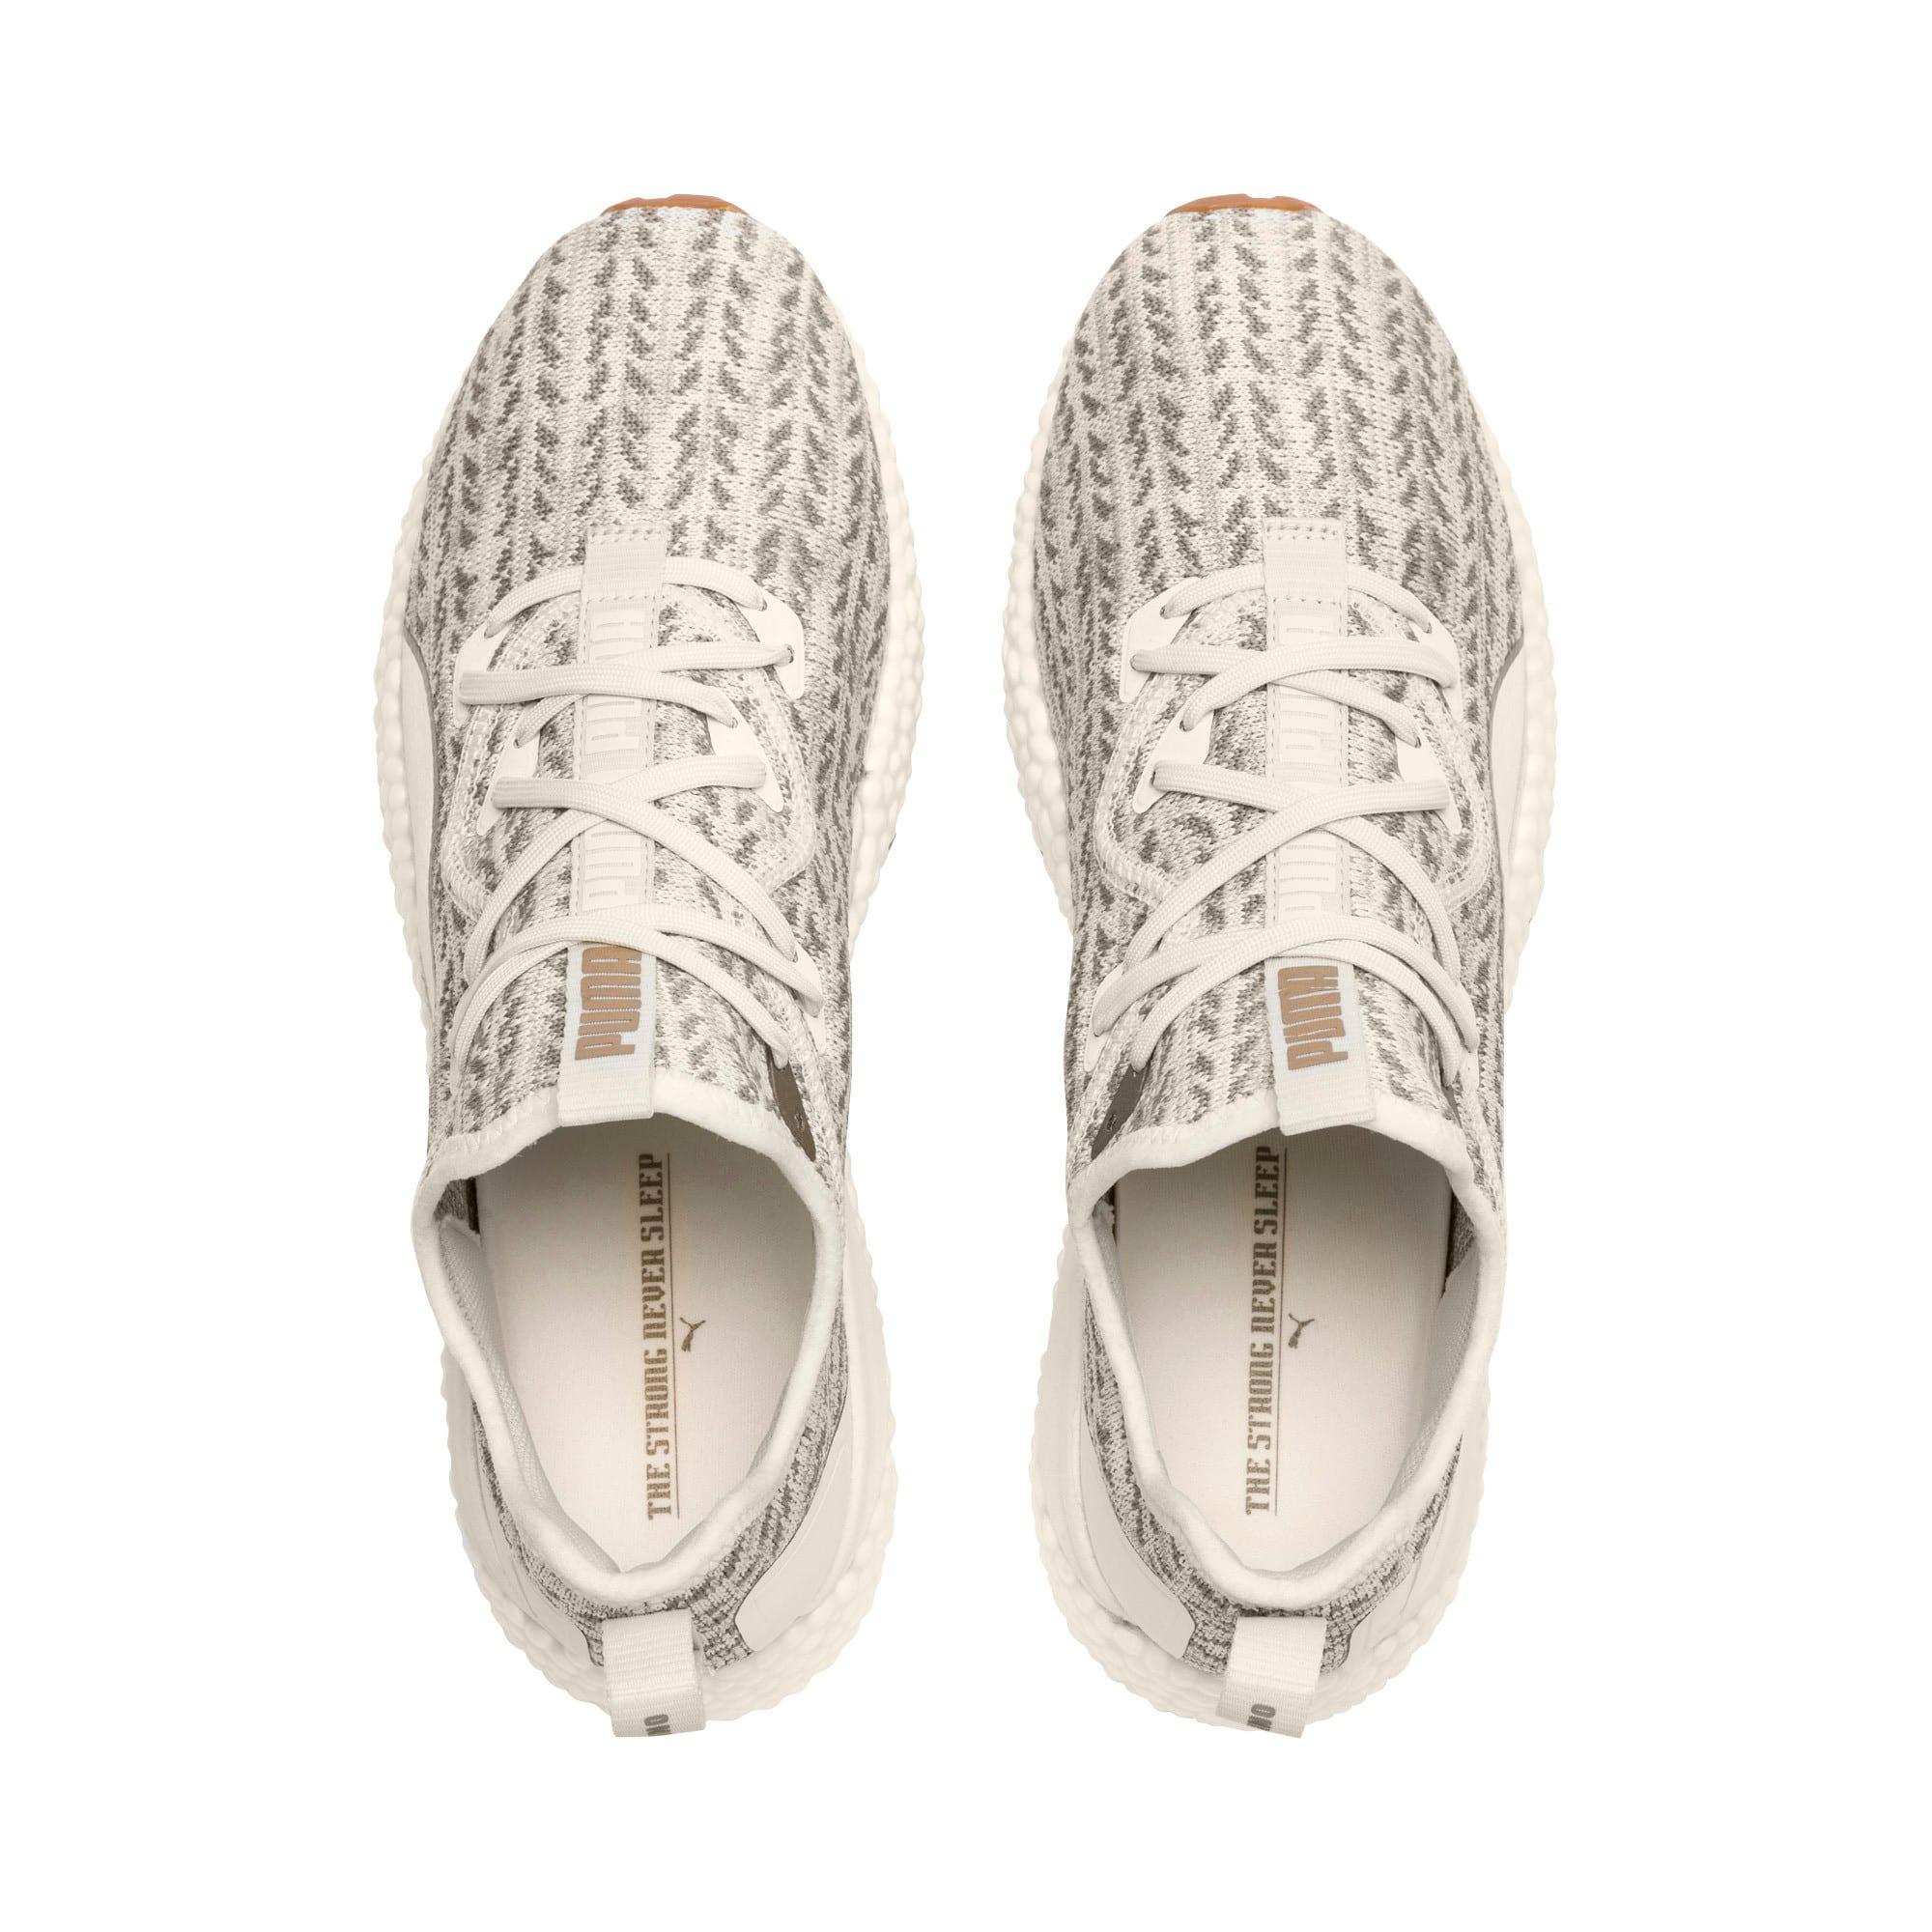 Thumbnail 6 of Hybrid Runner Desert Men's Running Shoes, Whisper White-Metal Bronze, medium-IND